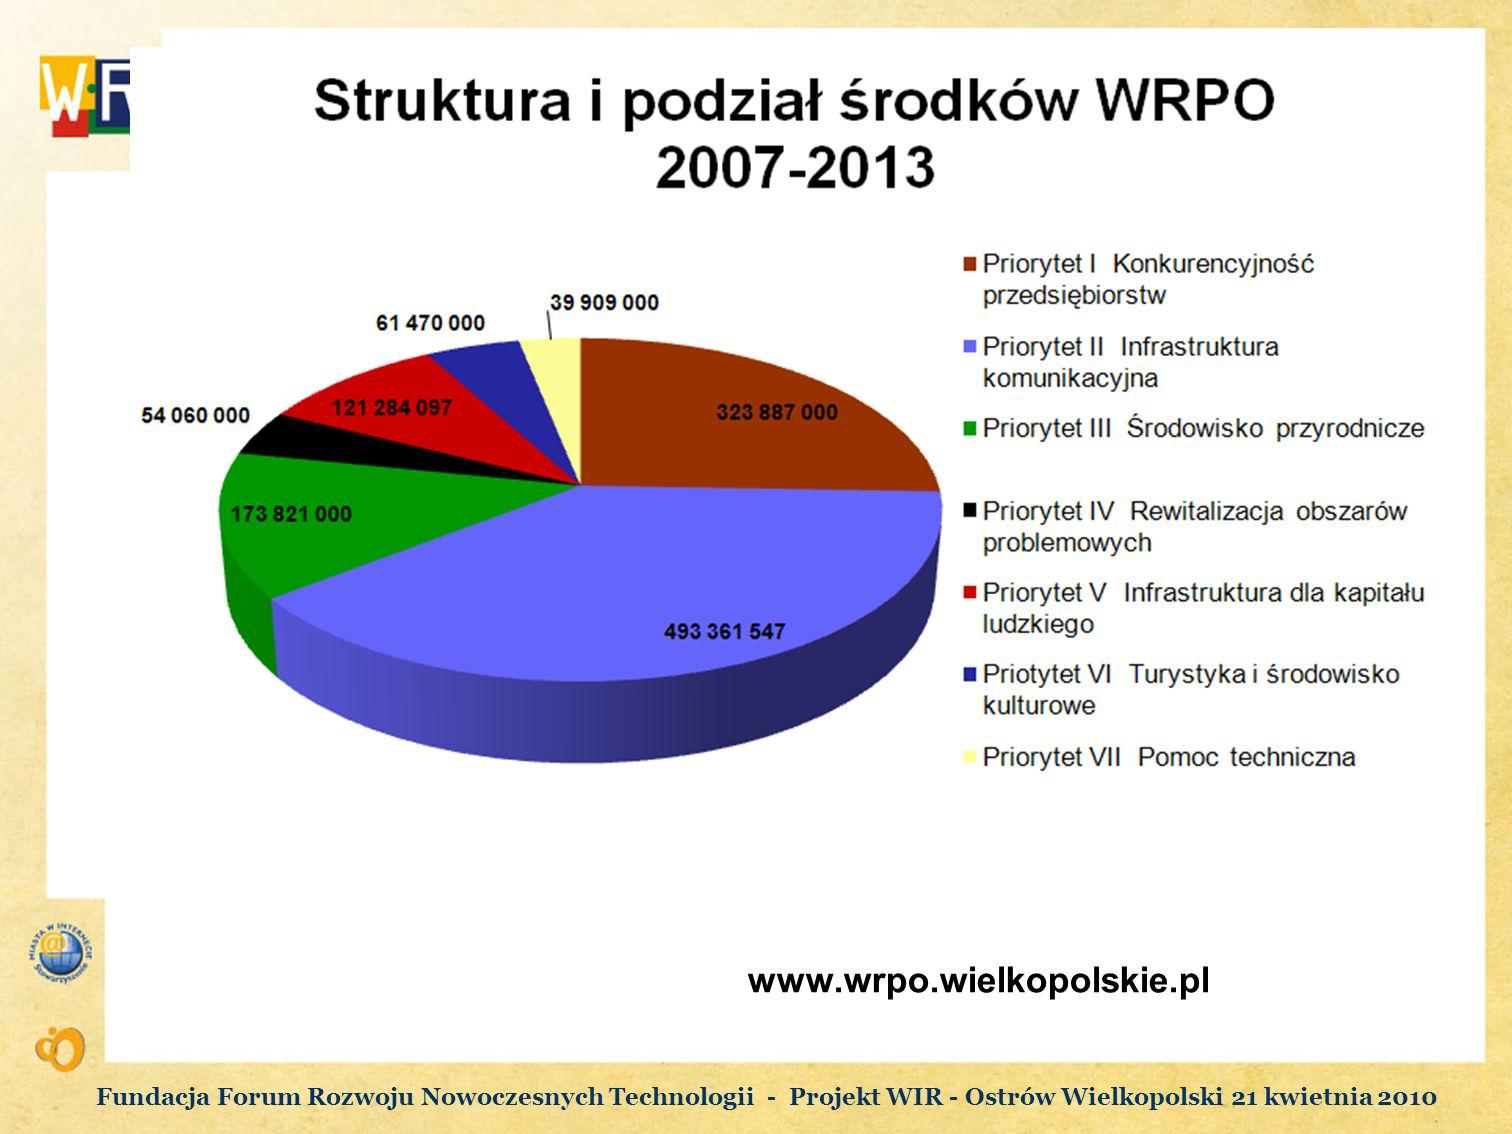 www.wrpo.wielkopolskie.pl Fundacja Forum Rozwoju Nowoczesnych Technologii - Projekt WIR - Ostrów Wielkopolski 21 kwietnia 2010